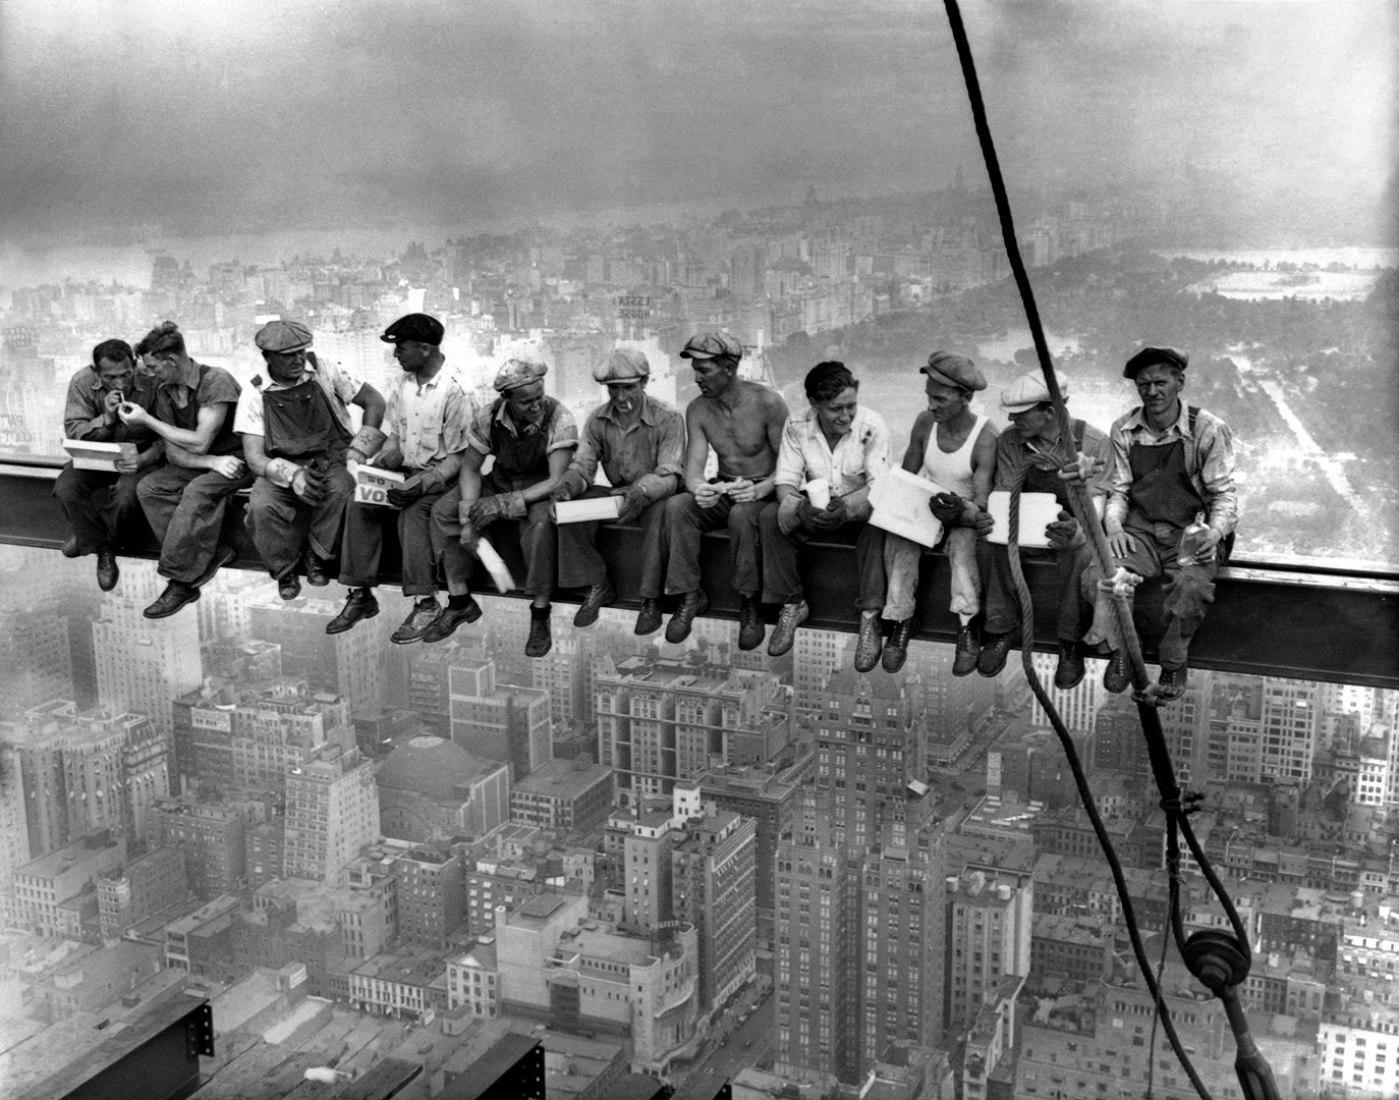 Almuerzo en lo alto del rascacielos. Autor: desconocido, 1932